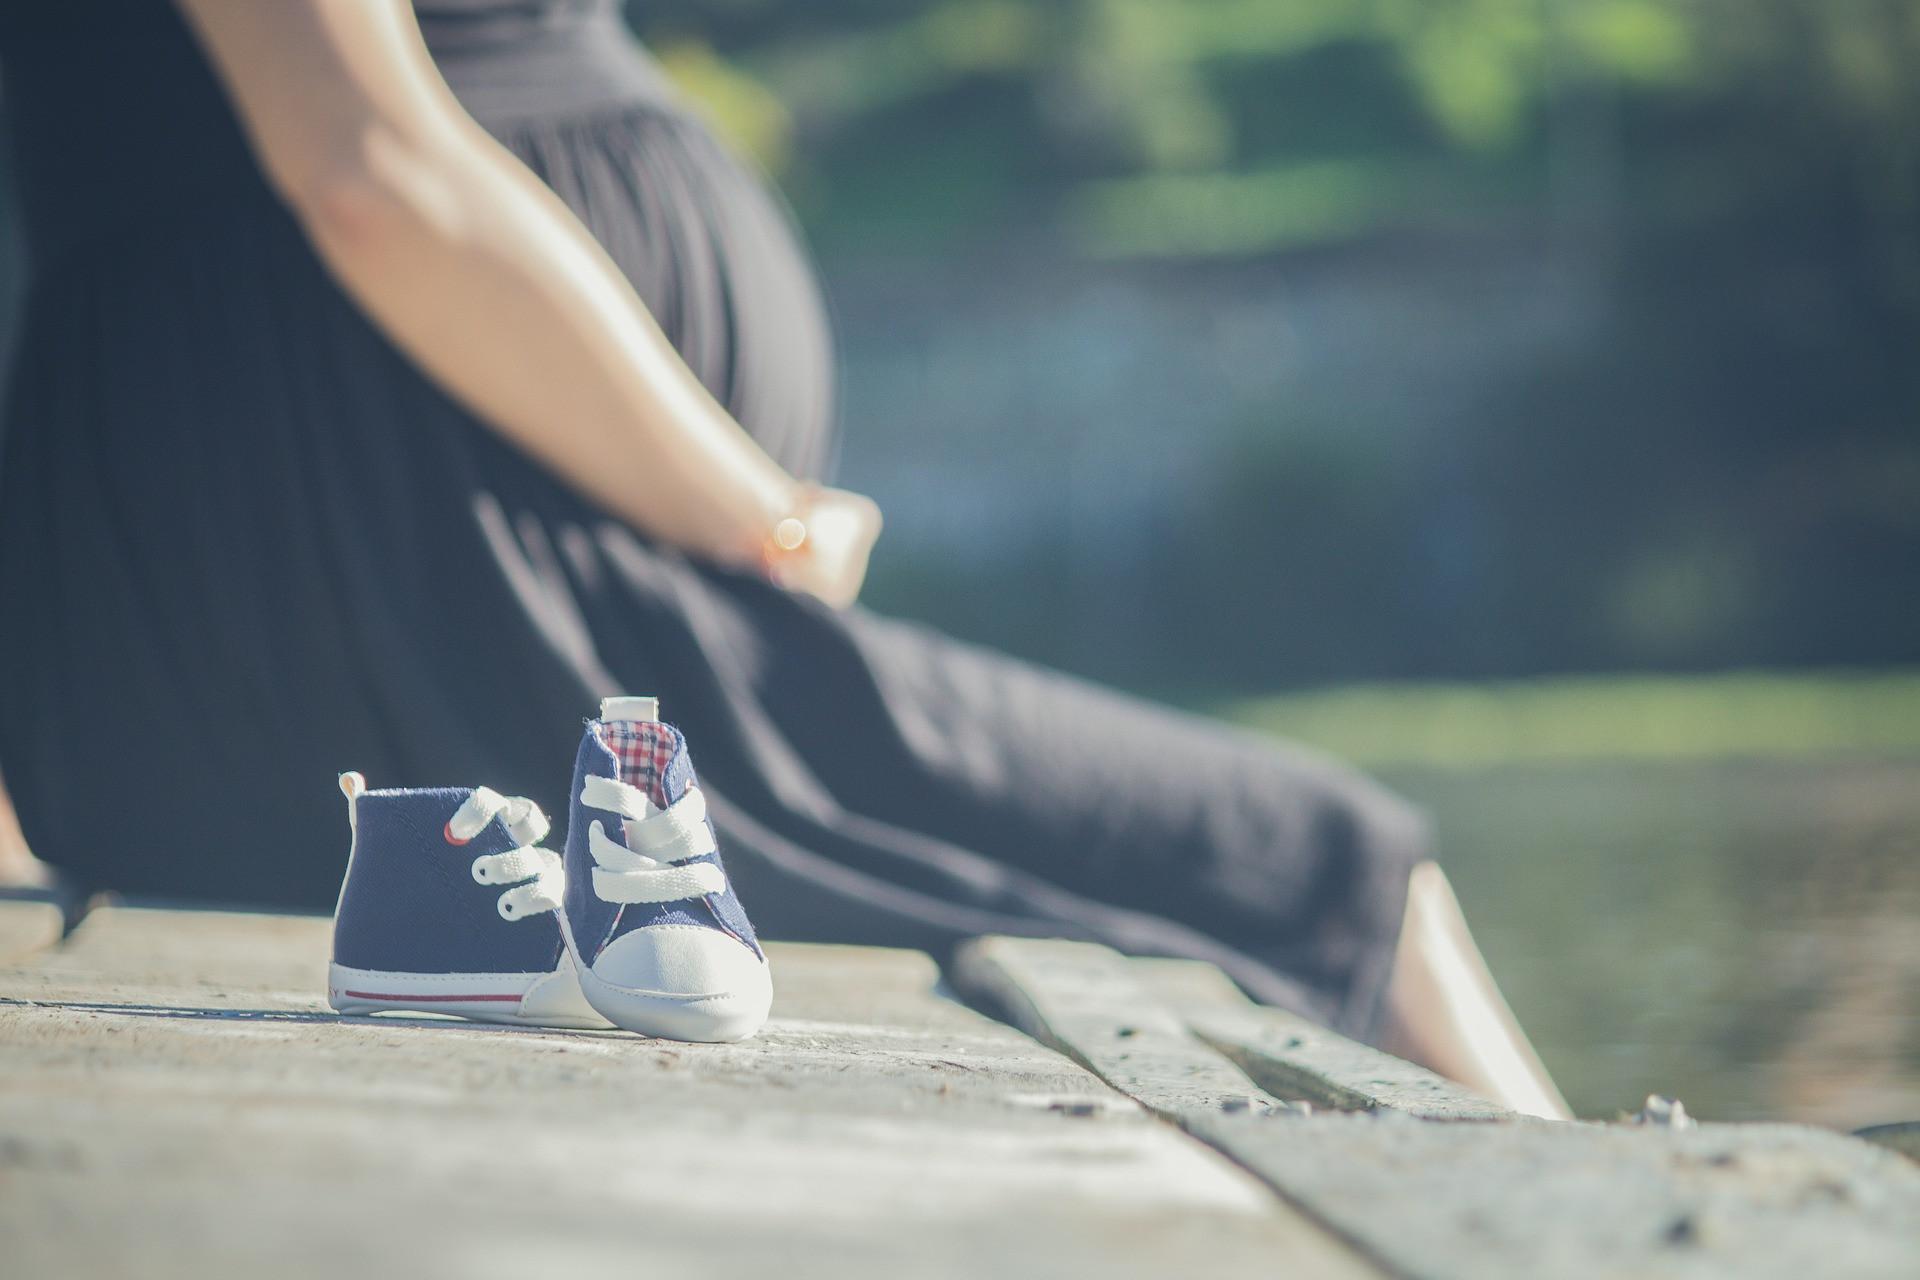 Maternity/Fertility Reflexology